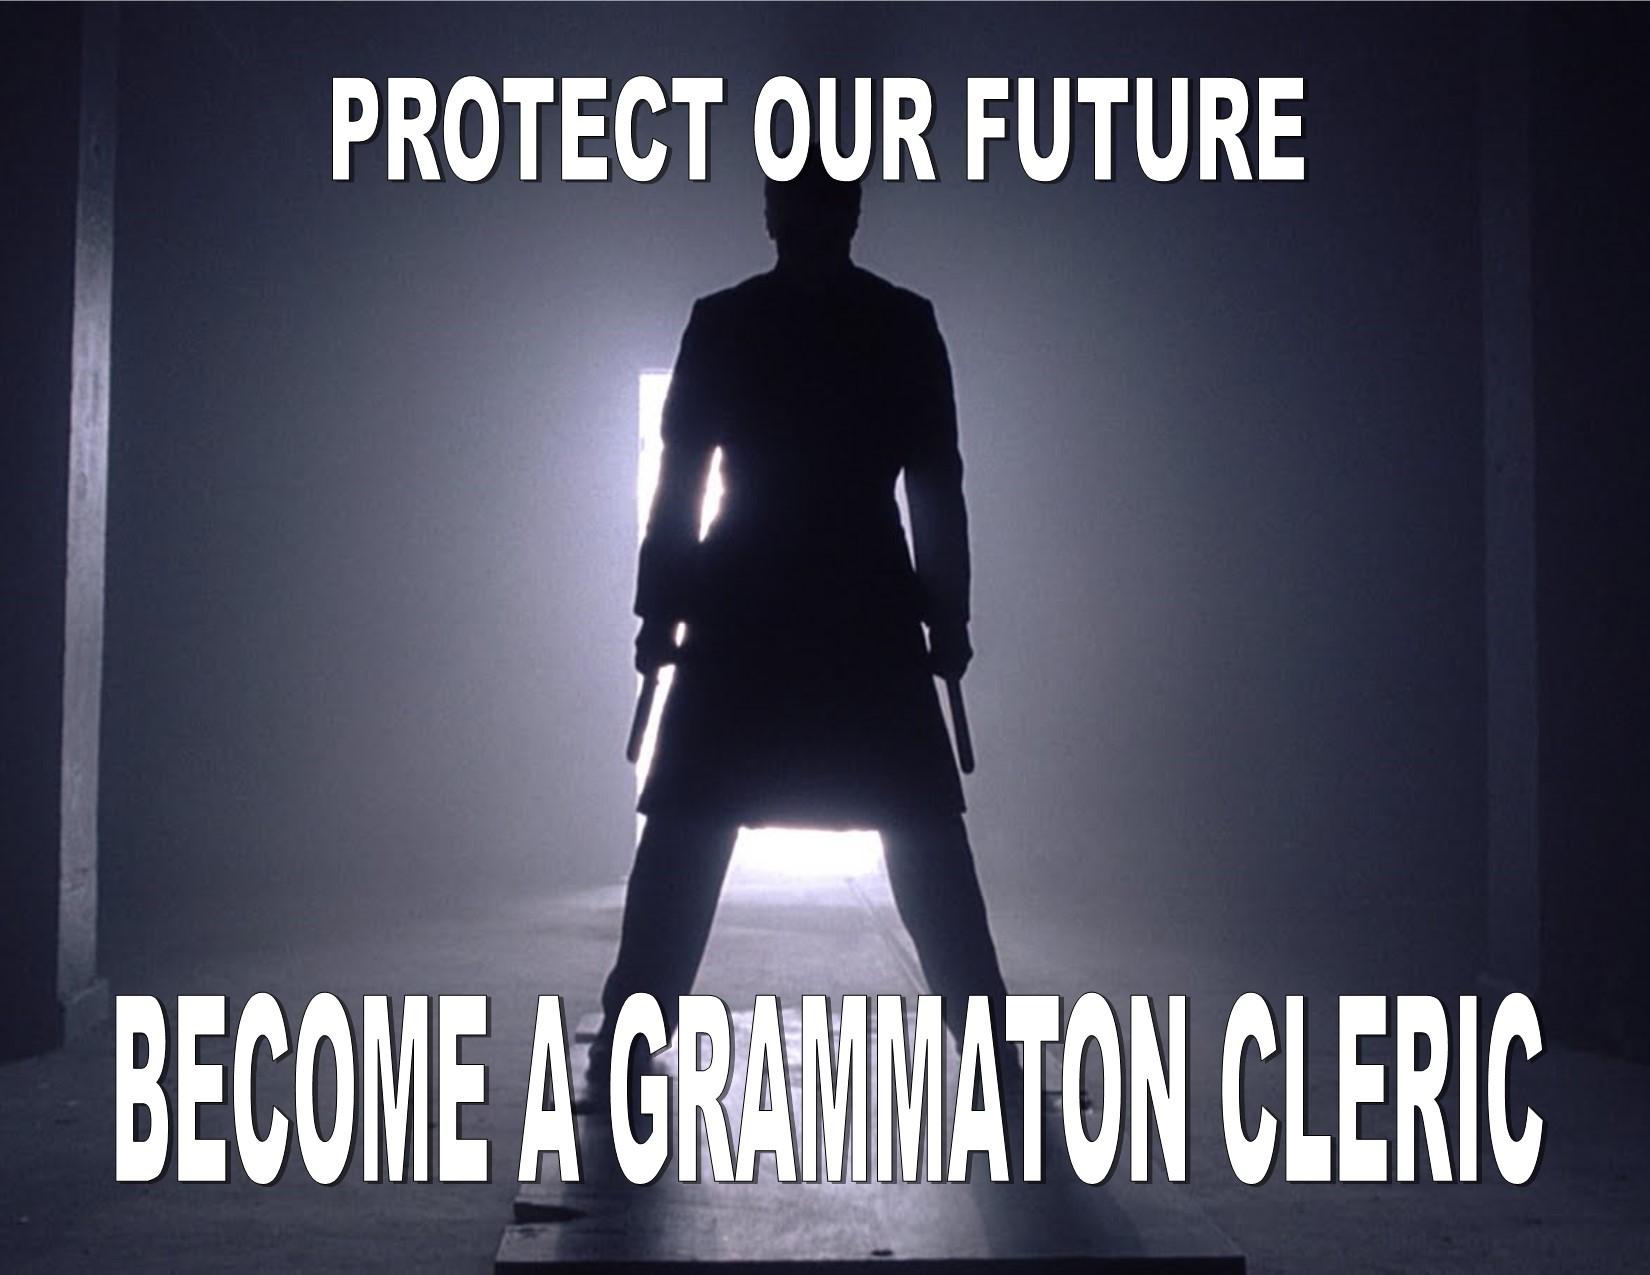 Equilibrium Cleric propaganda campaign mary fesak,Equilibrium Memes